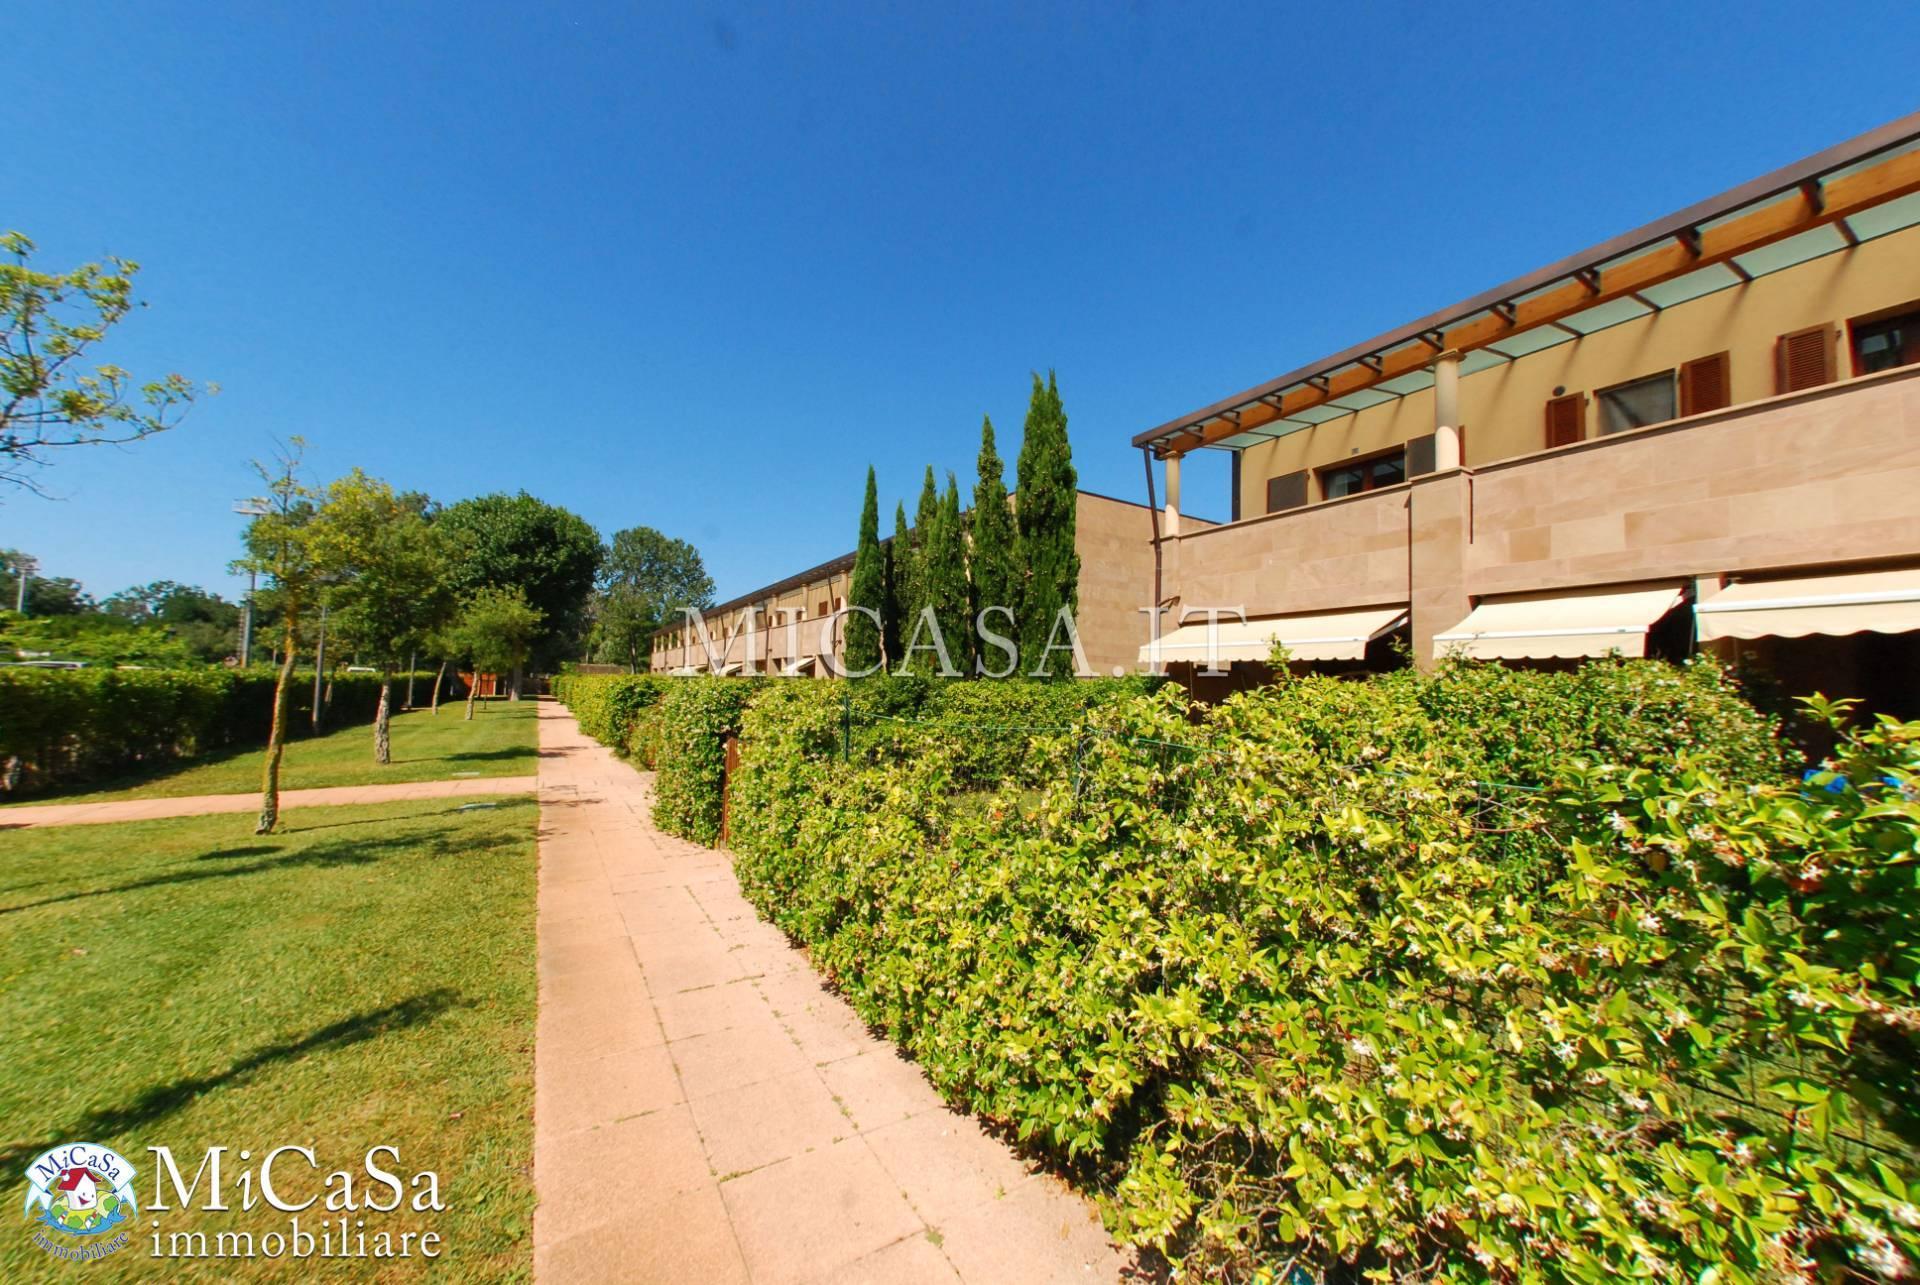 Appartamento in vendita a Pisa, 2 locali, zona Località: 1TIRRENIA, prezzo € 170.000   PortaleAgenzieImmobiliari.it